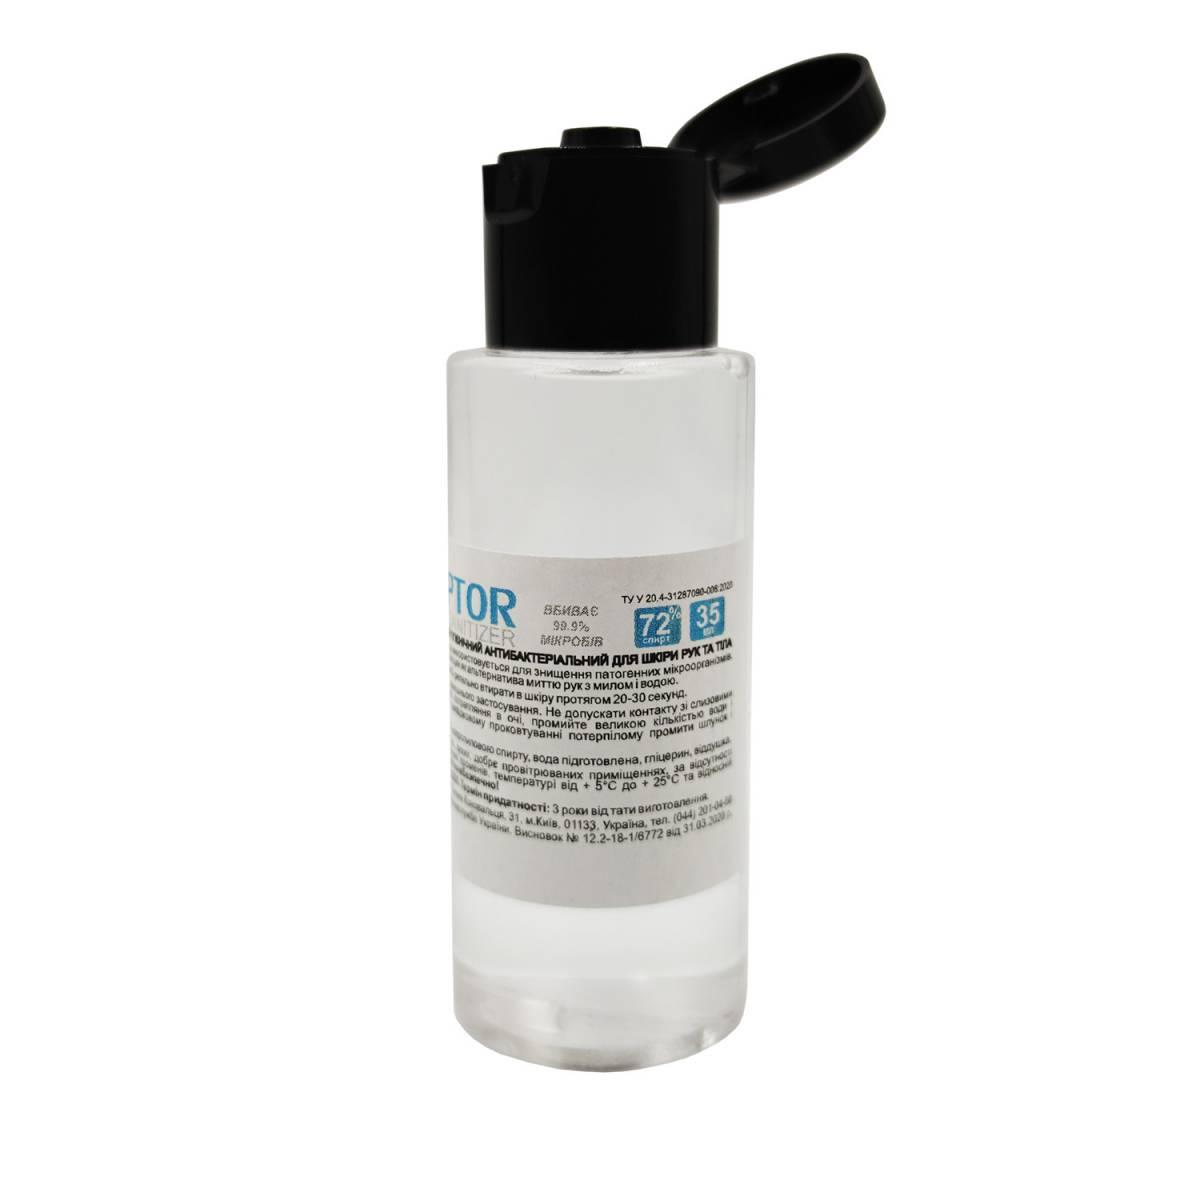 Антисептик SEPTOR 35 мл, антибактериальное средство гигиеническое для кожи рук и тела HS1535